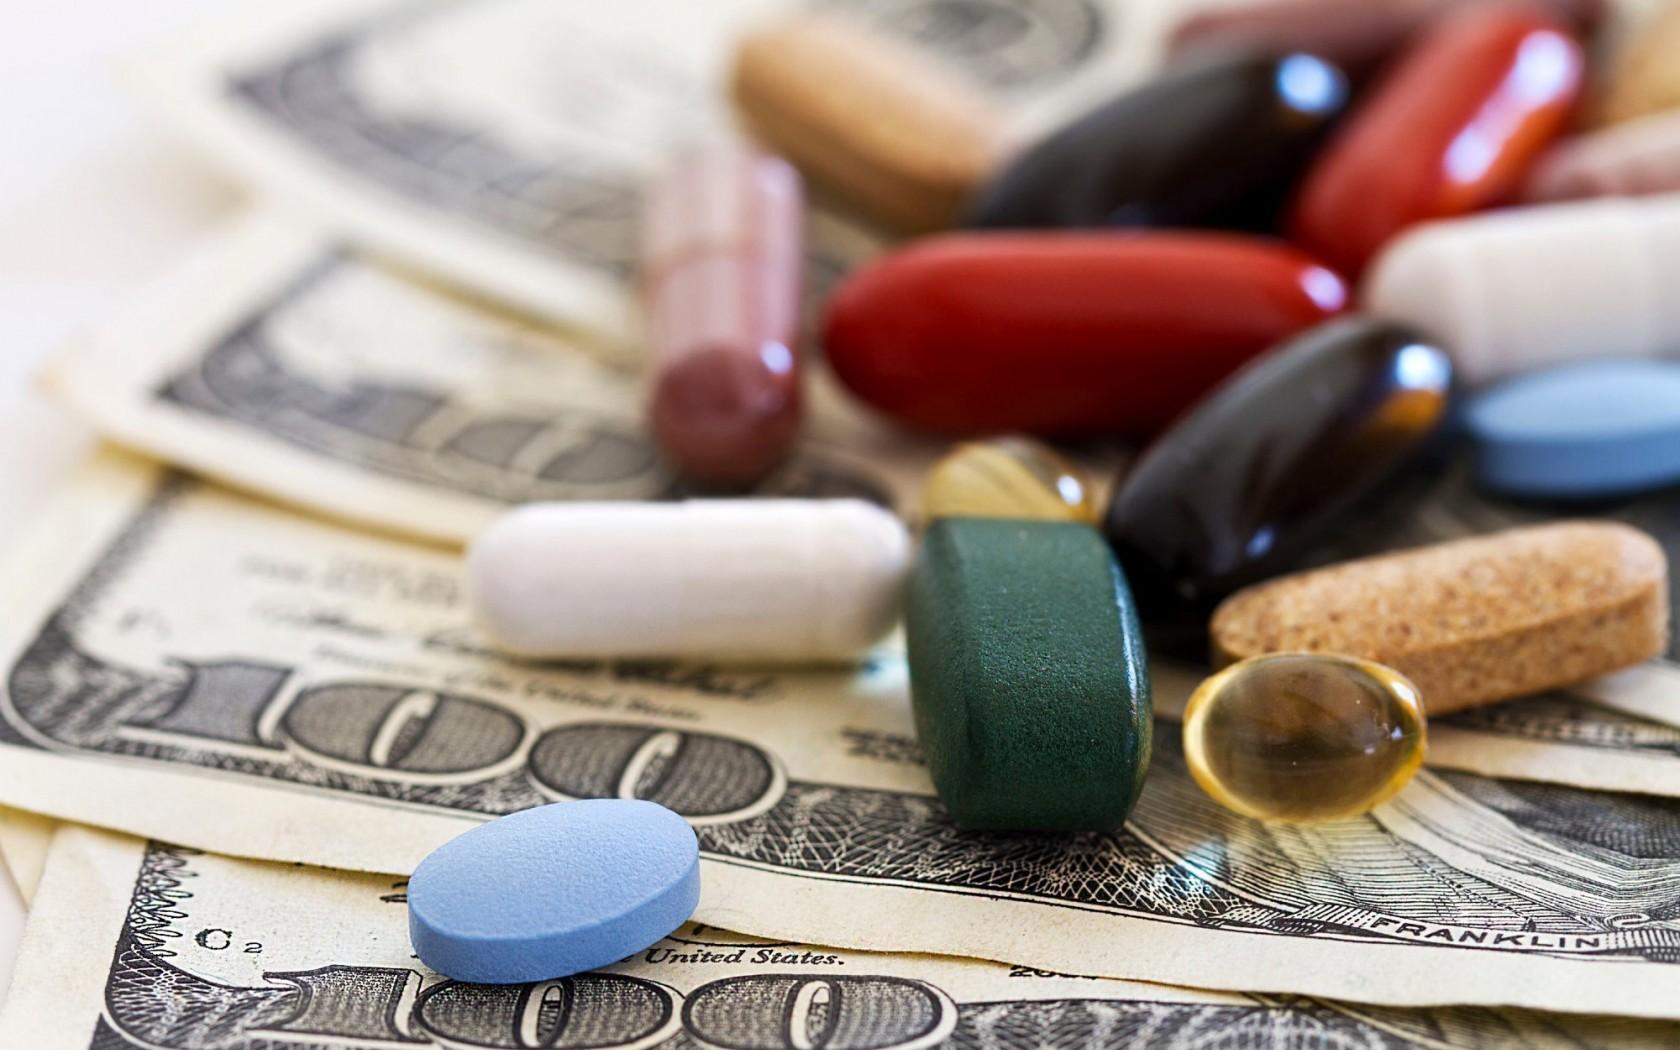 medicine-drug-legal-business